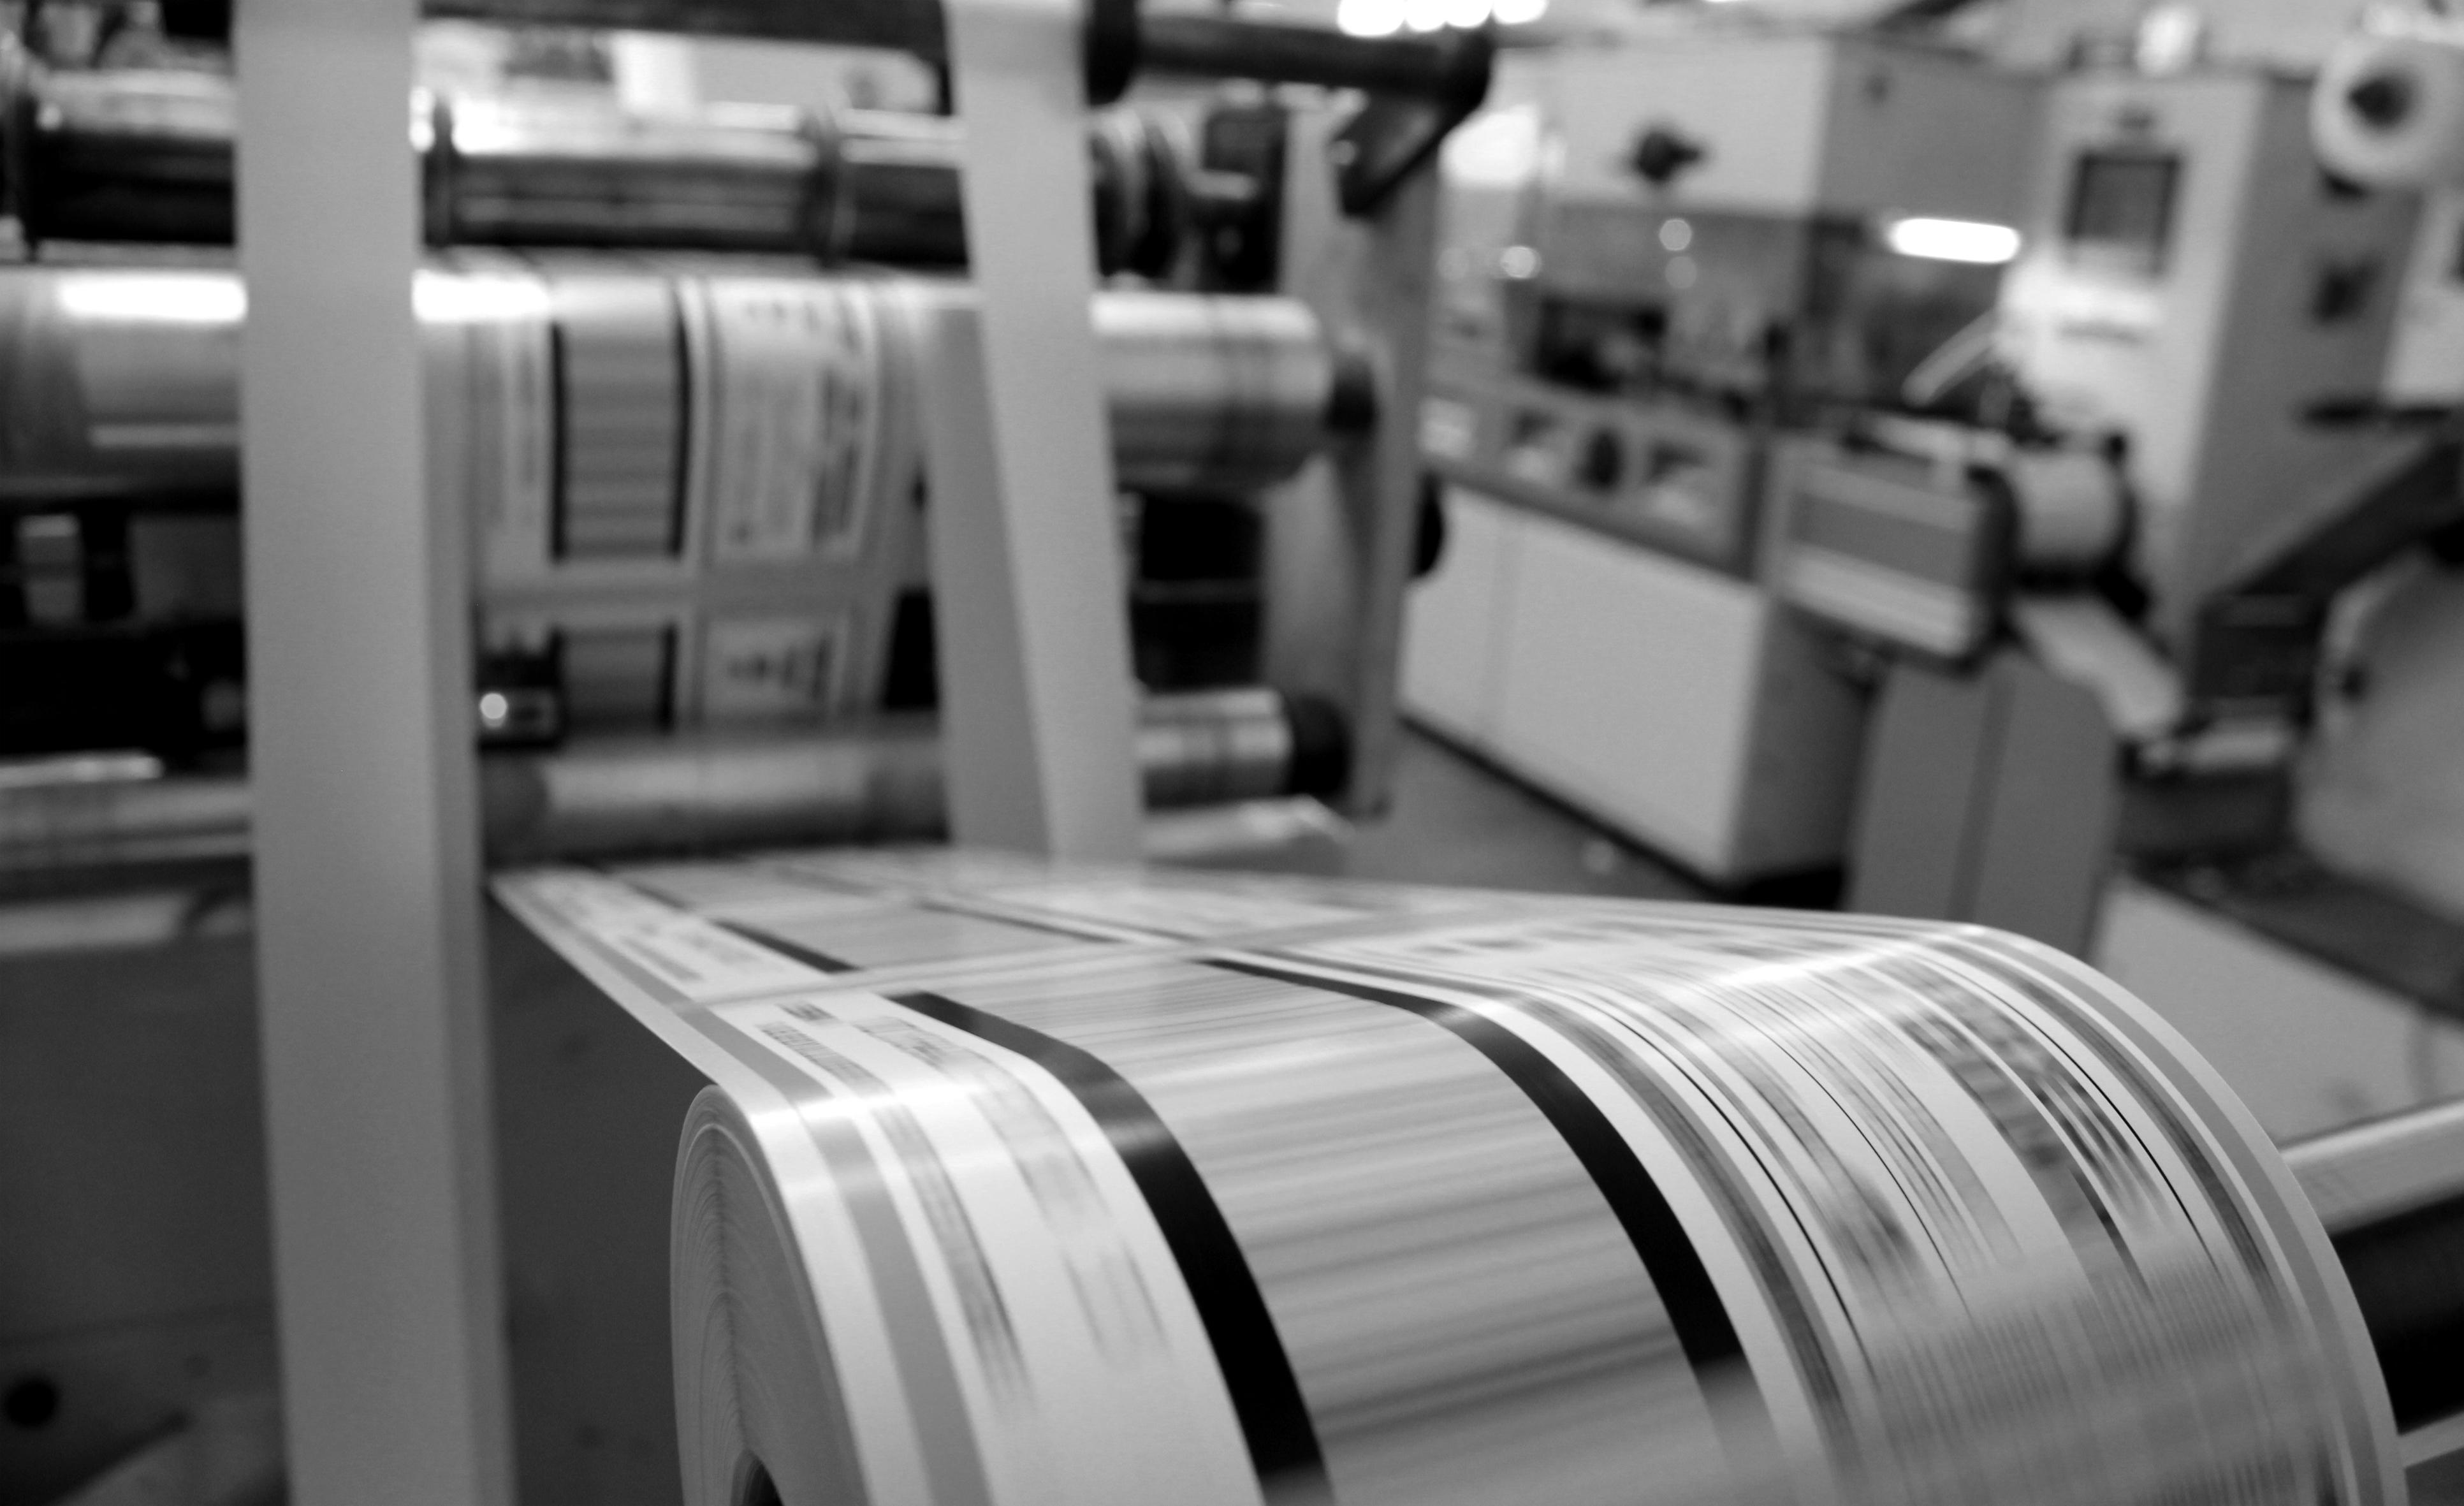 imprimerie,dubon,perpignan,66,_étiquettes,_etiquette